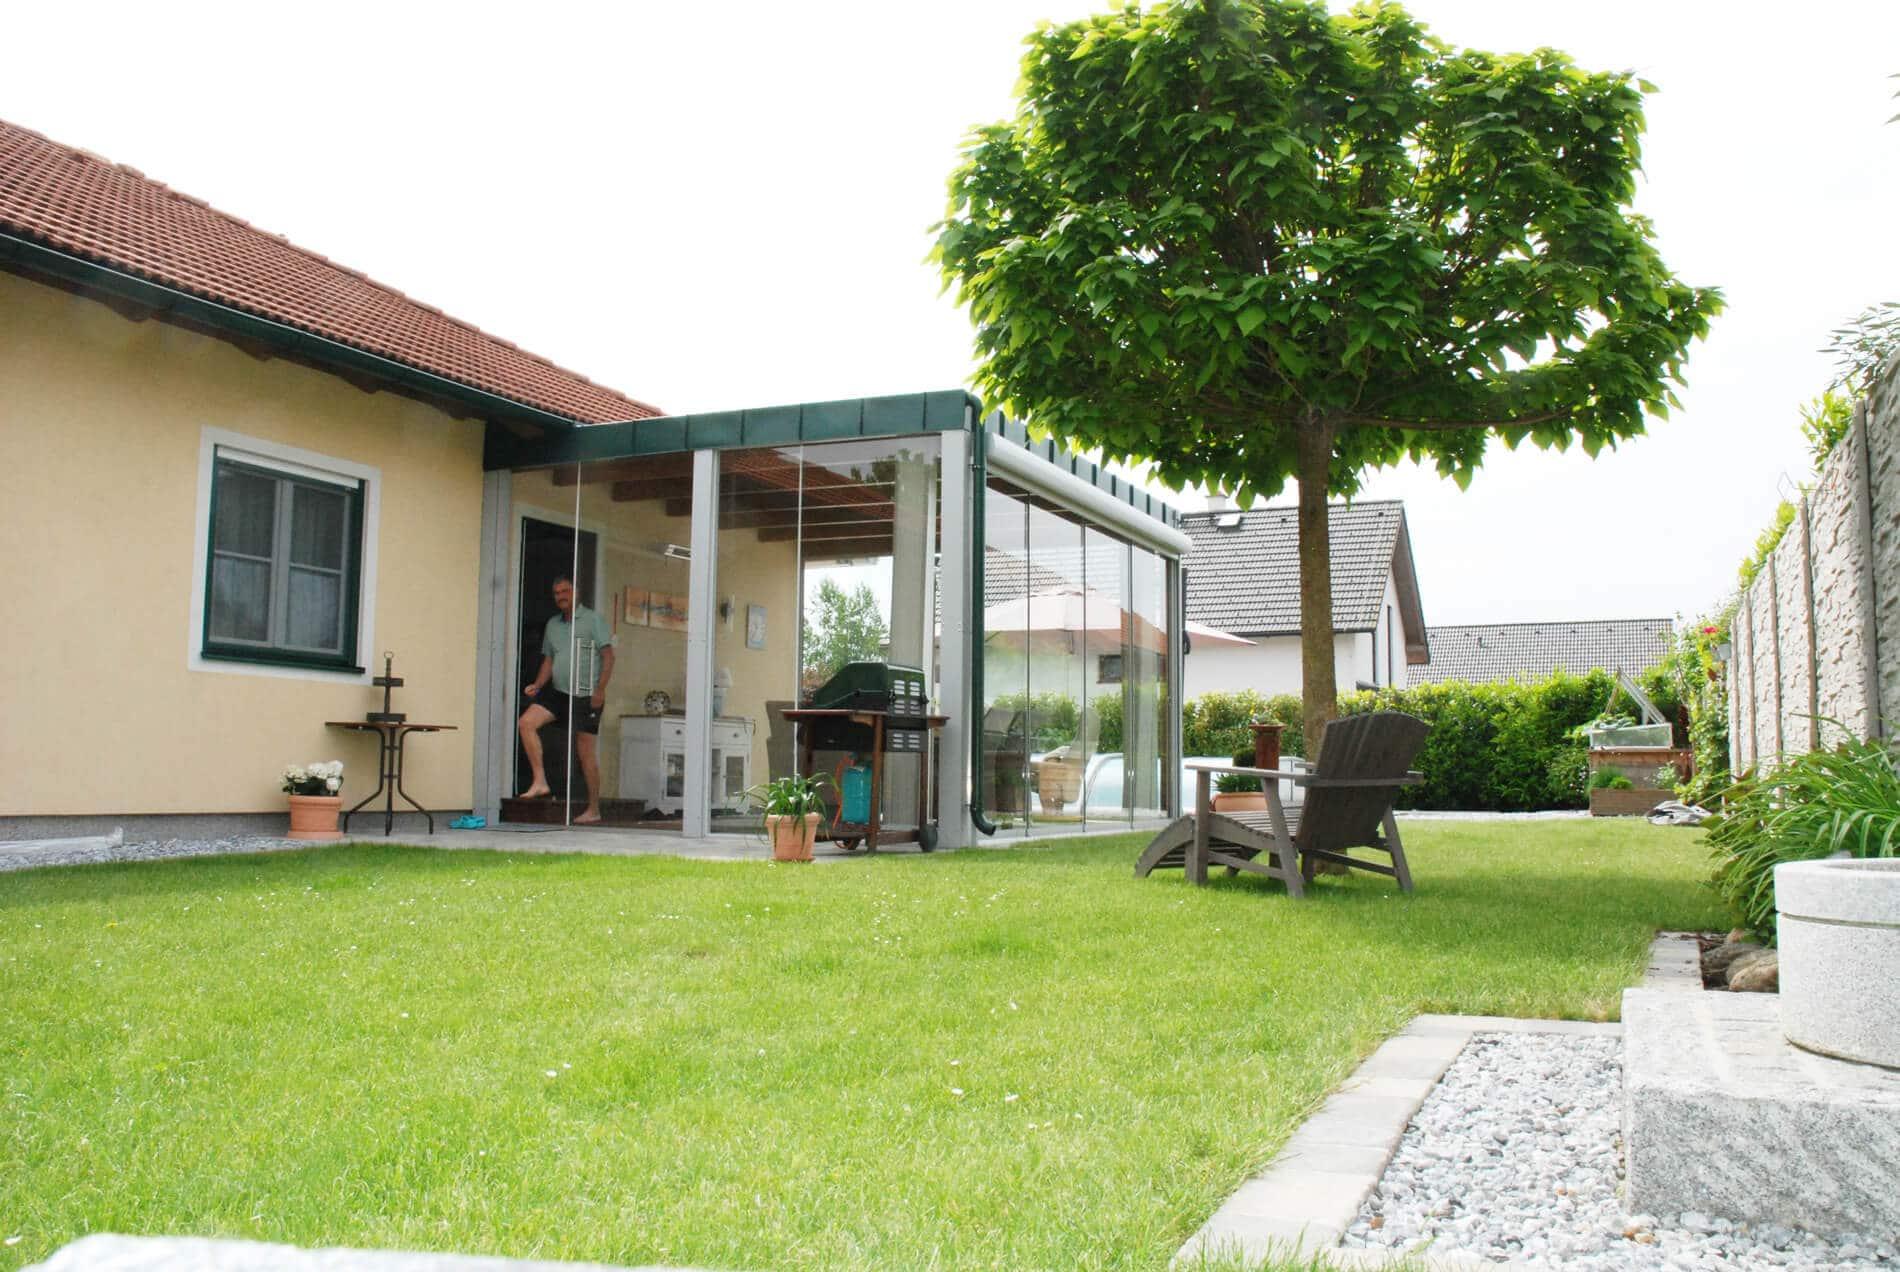 Terrasse schiebeverglasung fenster schmidinger - Wintergarten erfahrungen ...